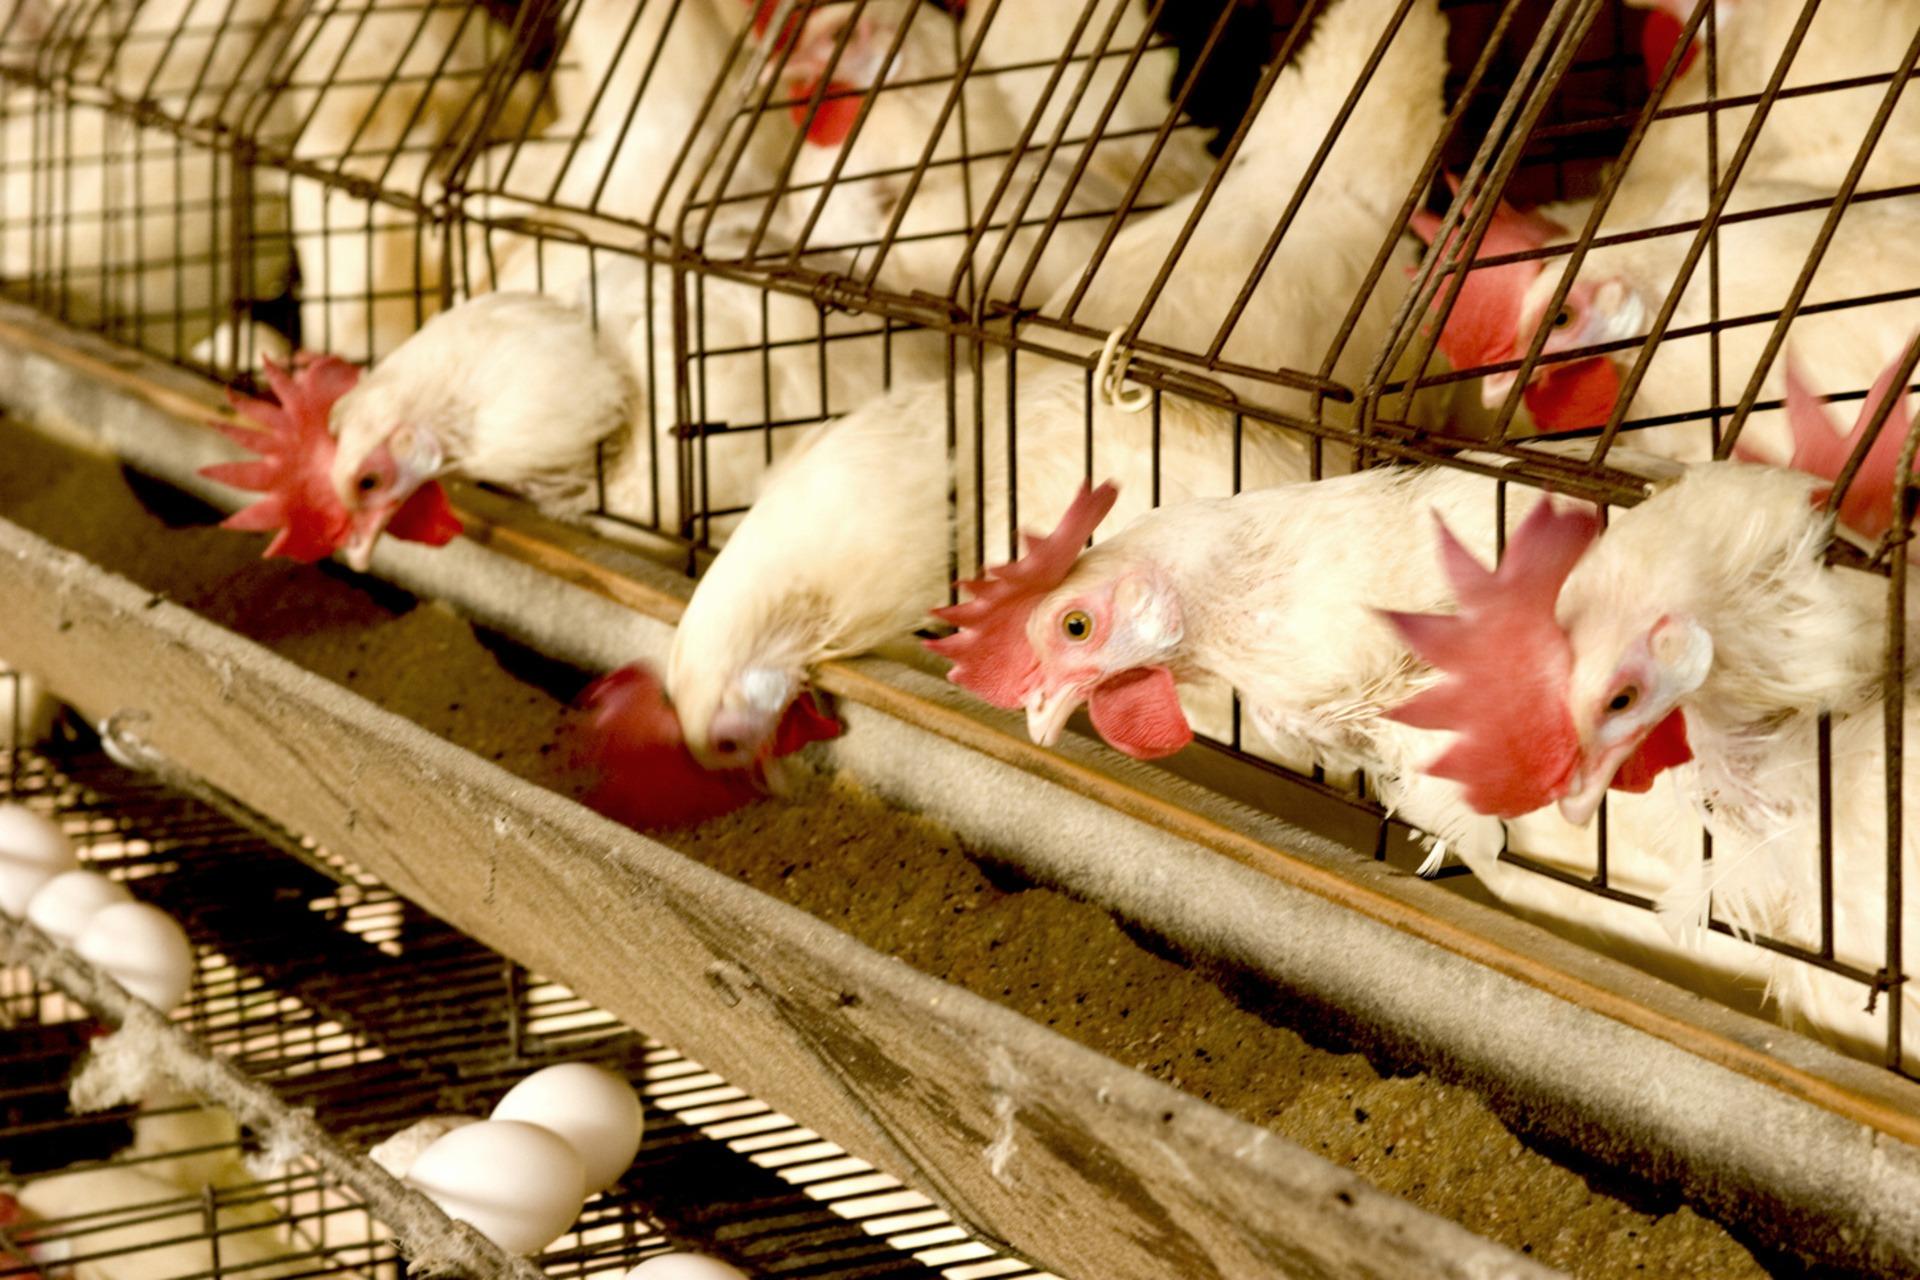 Animal Feed | FoodPrint